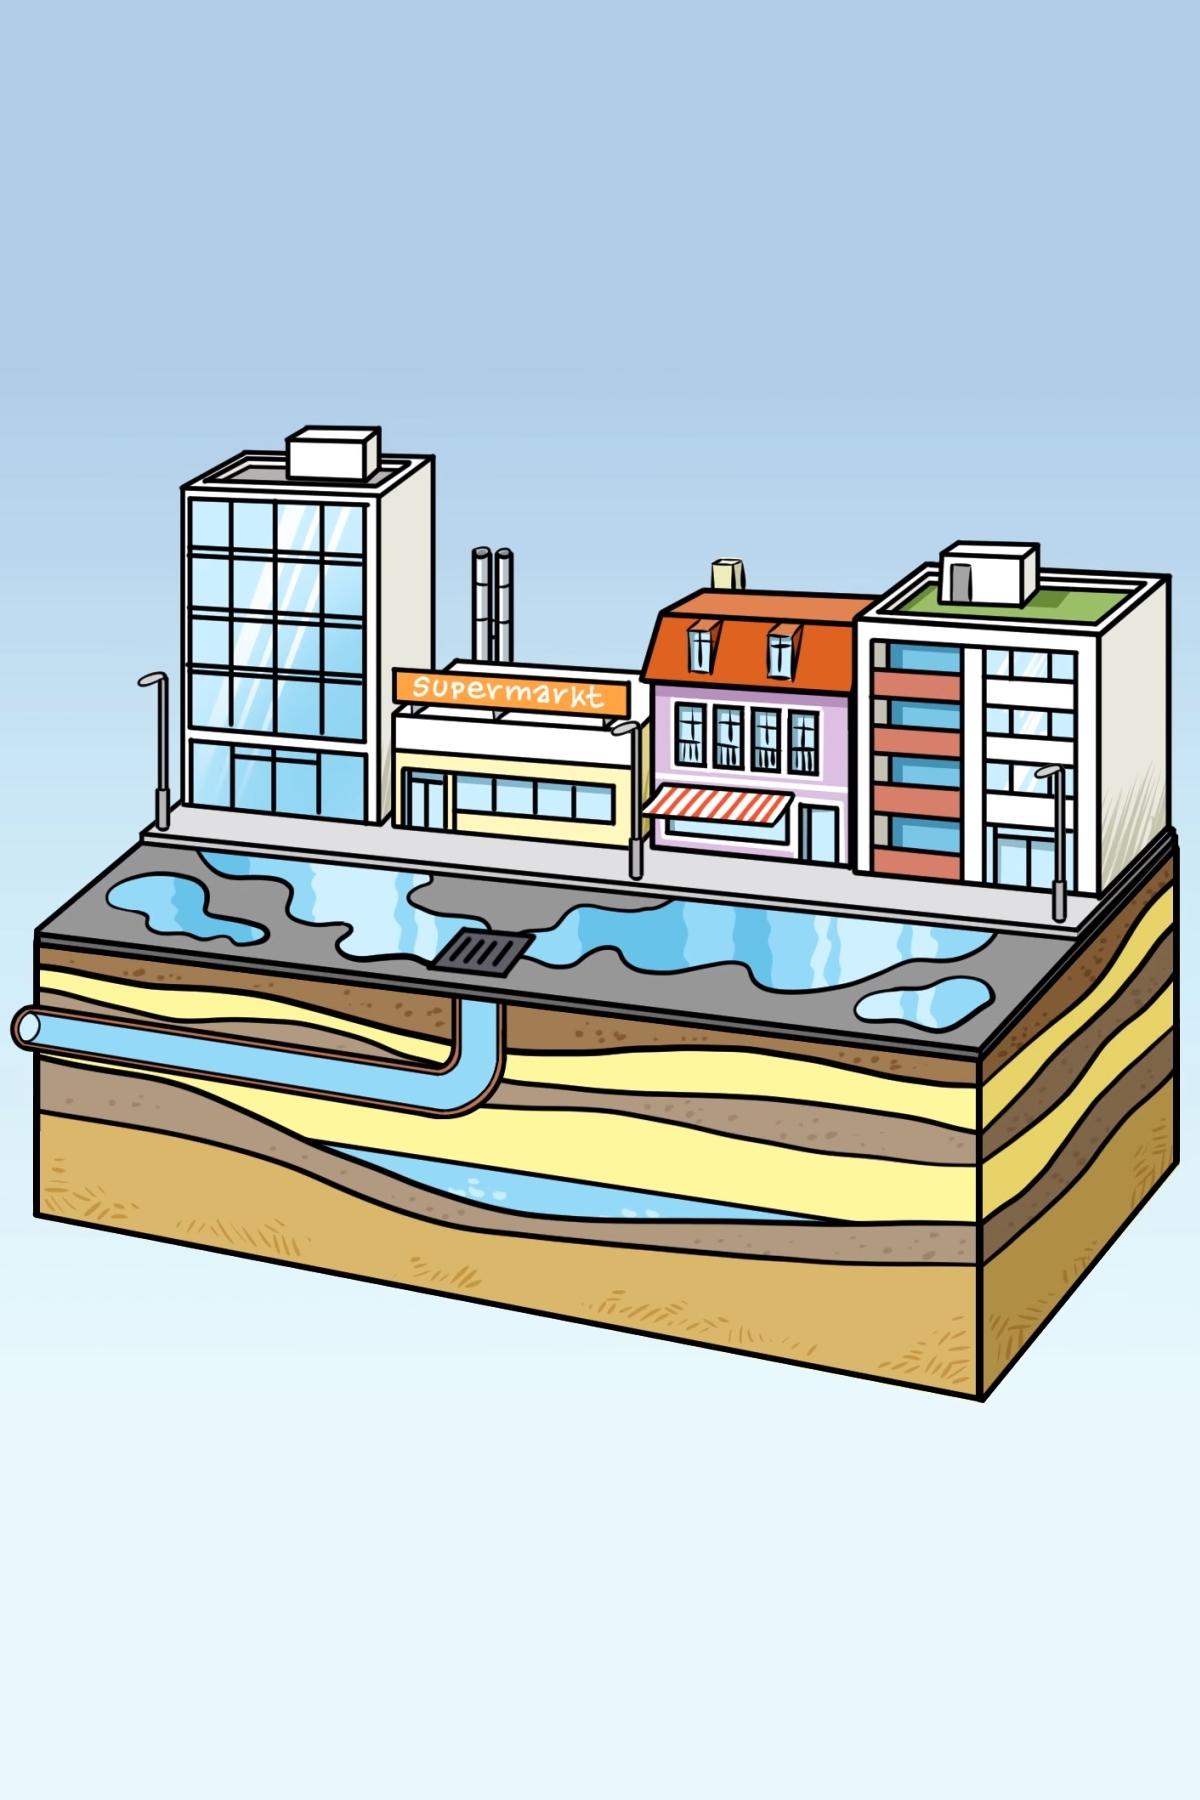 Preview image for LOM object Mensch, was machst du mit dem Wasserkreislauf?